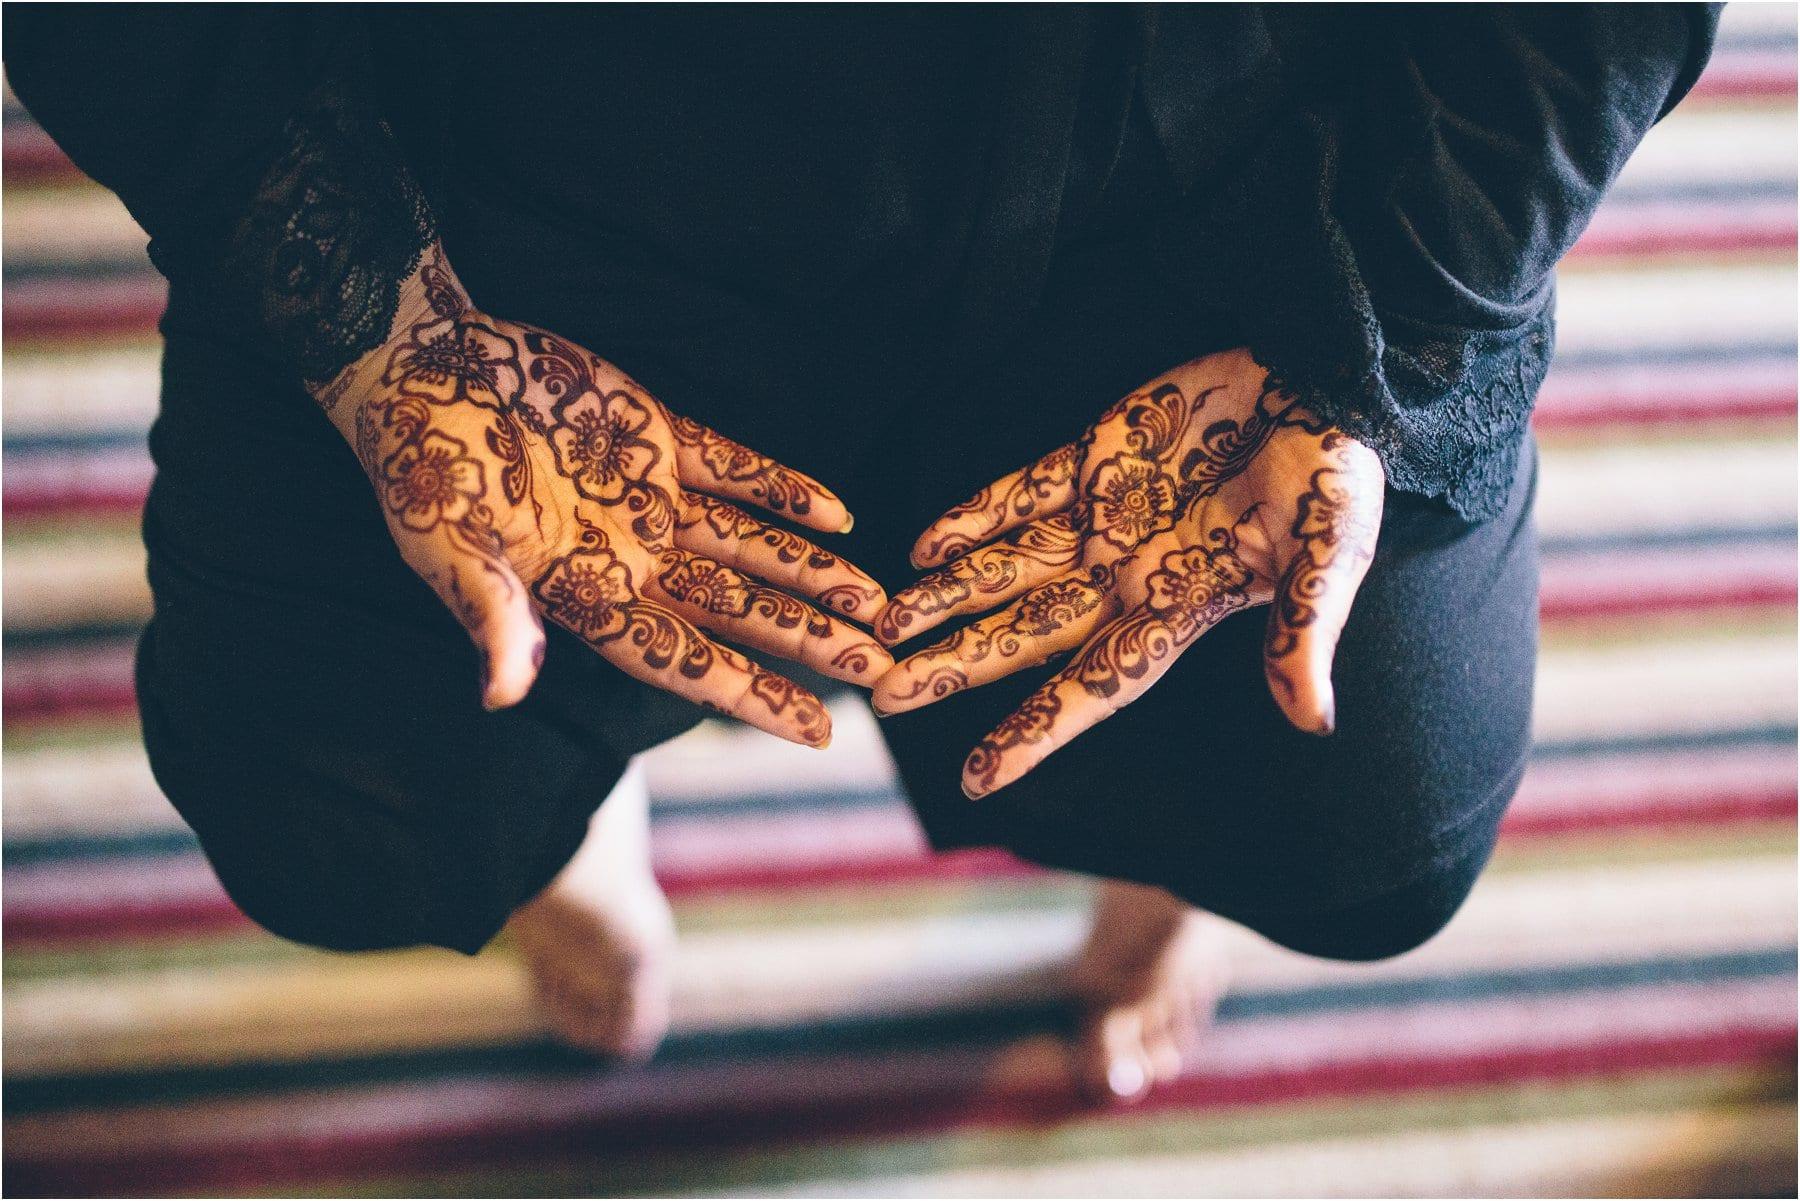 Lancashire_Indian_Wedding_Photography_0003